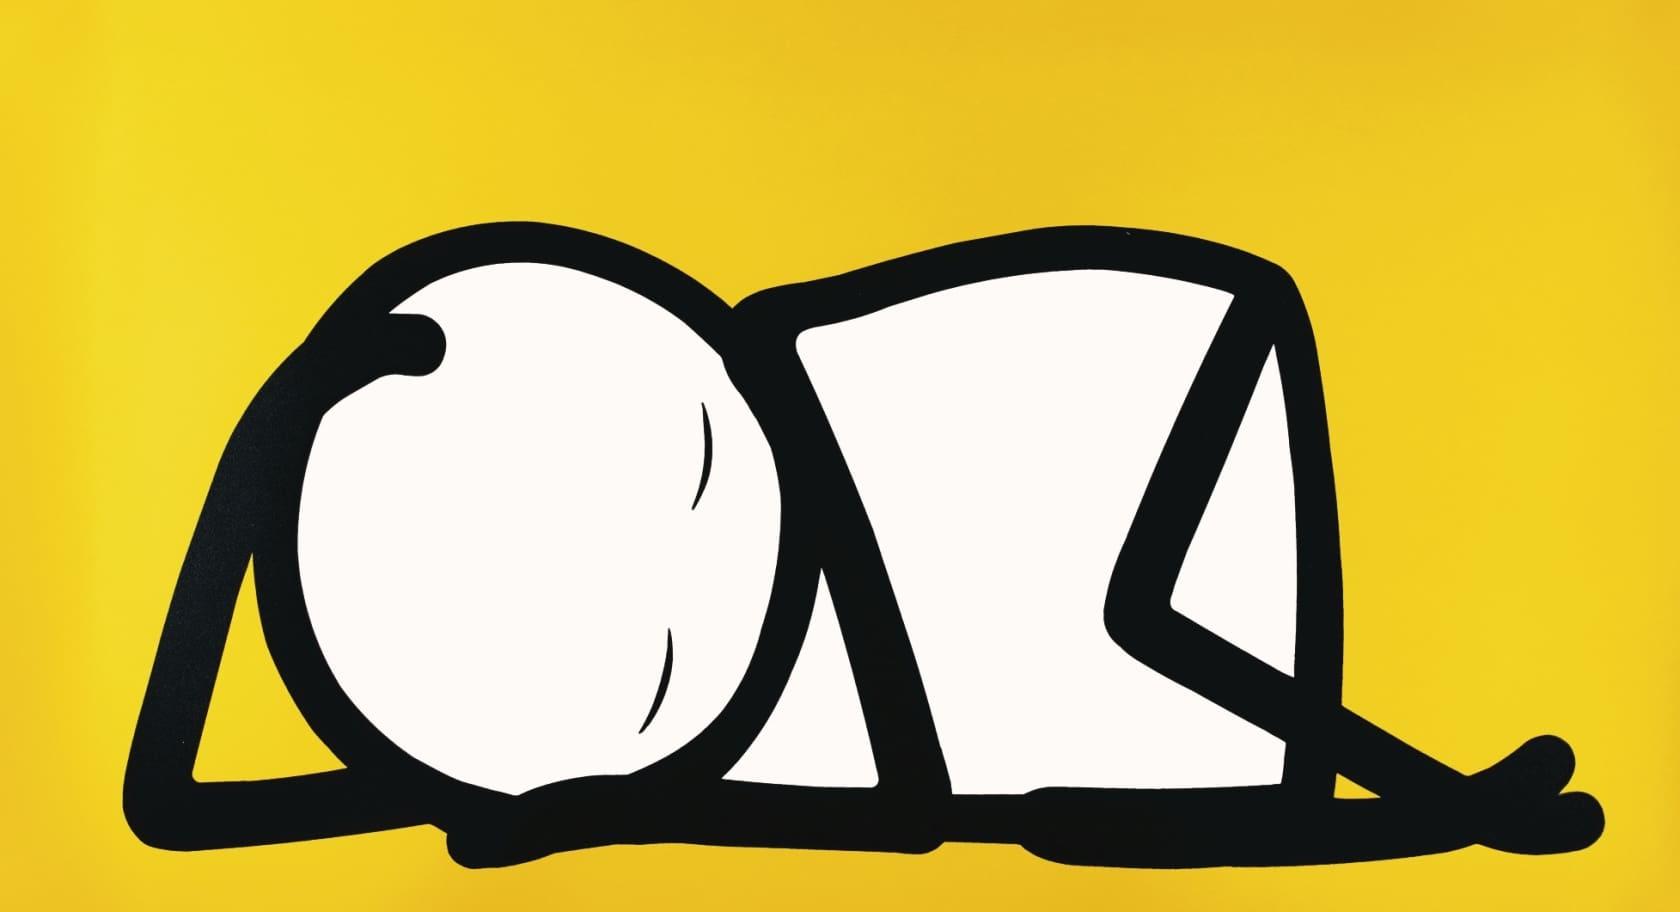 STIK, Sleeping Baby, Yellow, 2015